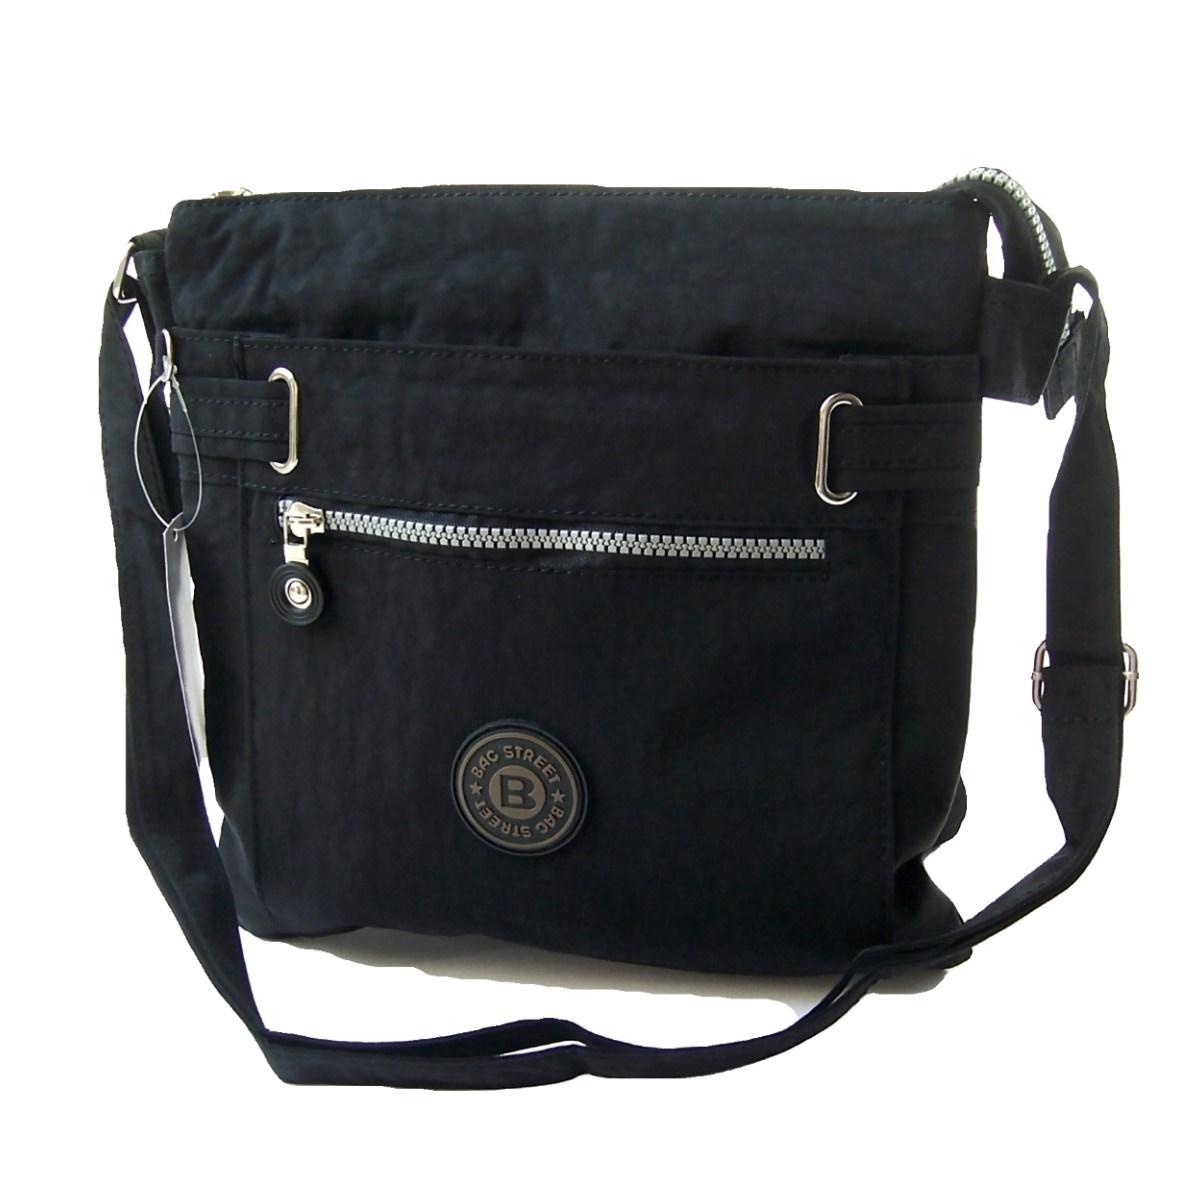 Tasche Umhängetasche Handtasche Bag Street Nylon schwarz Ta5051